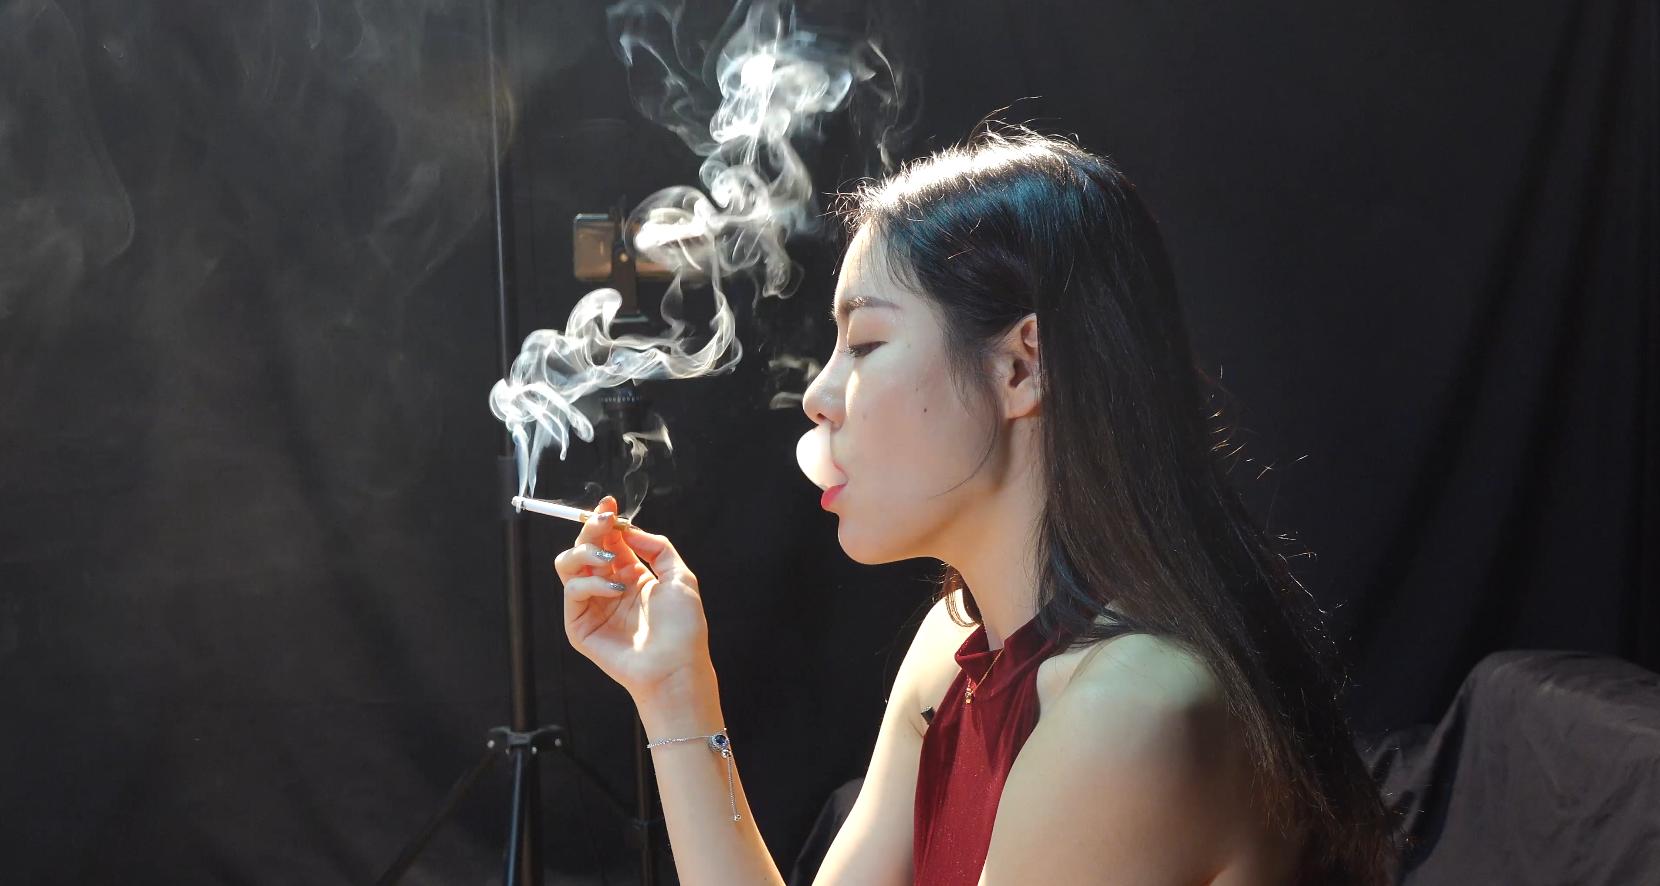 极品红衣美女抽烟